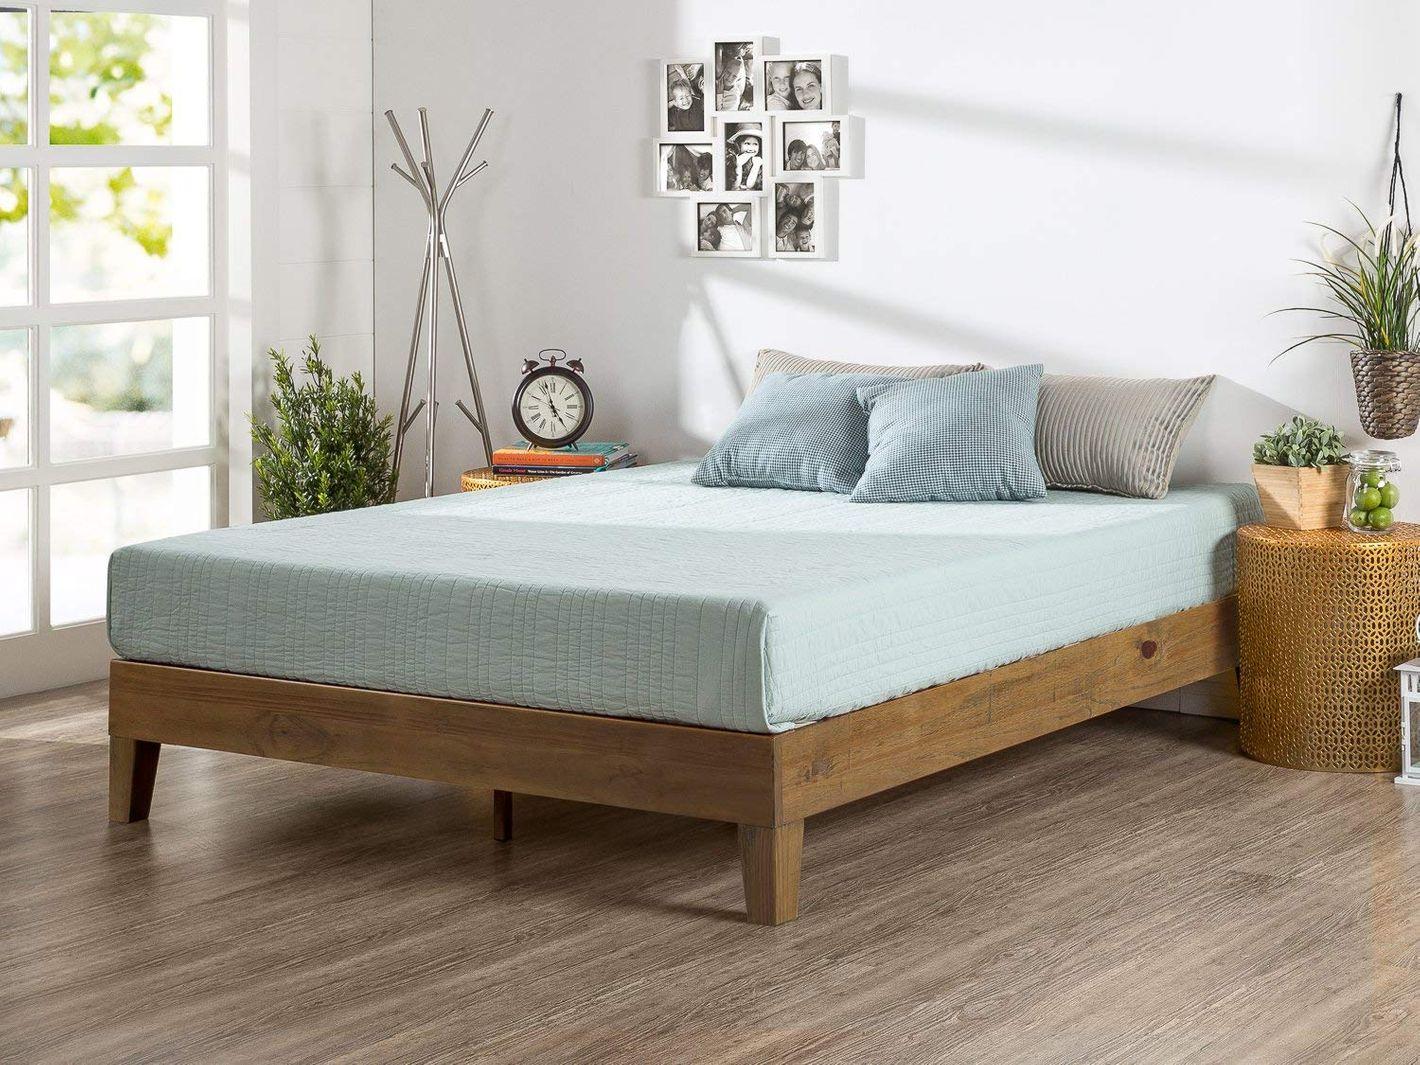 Zinus Alexis 12-Inch Deluxe Wood Platform Bed, Rustic Pine Finish, Queen